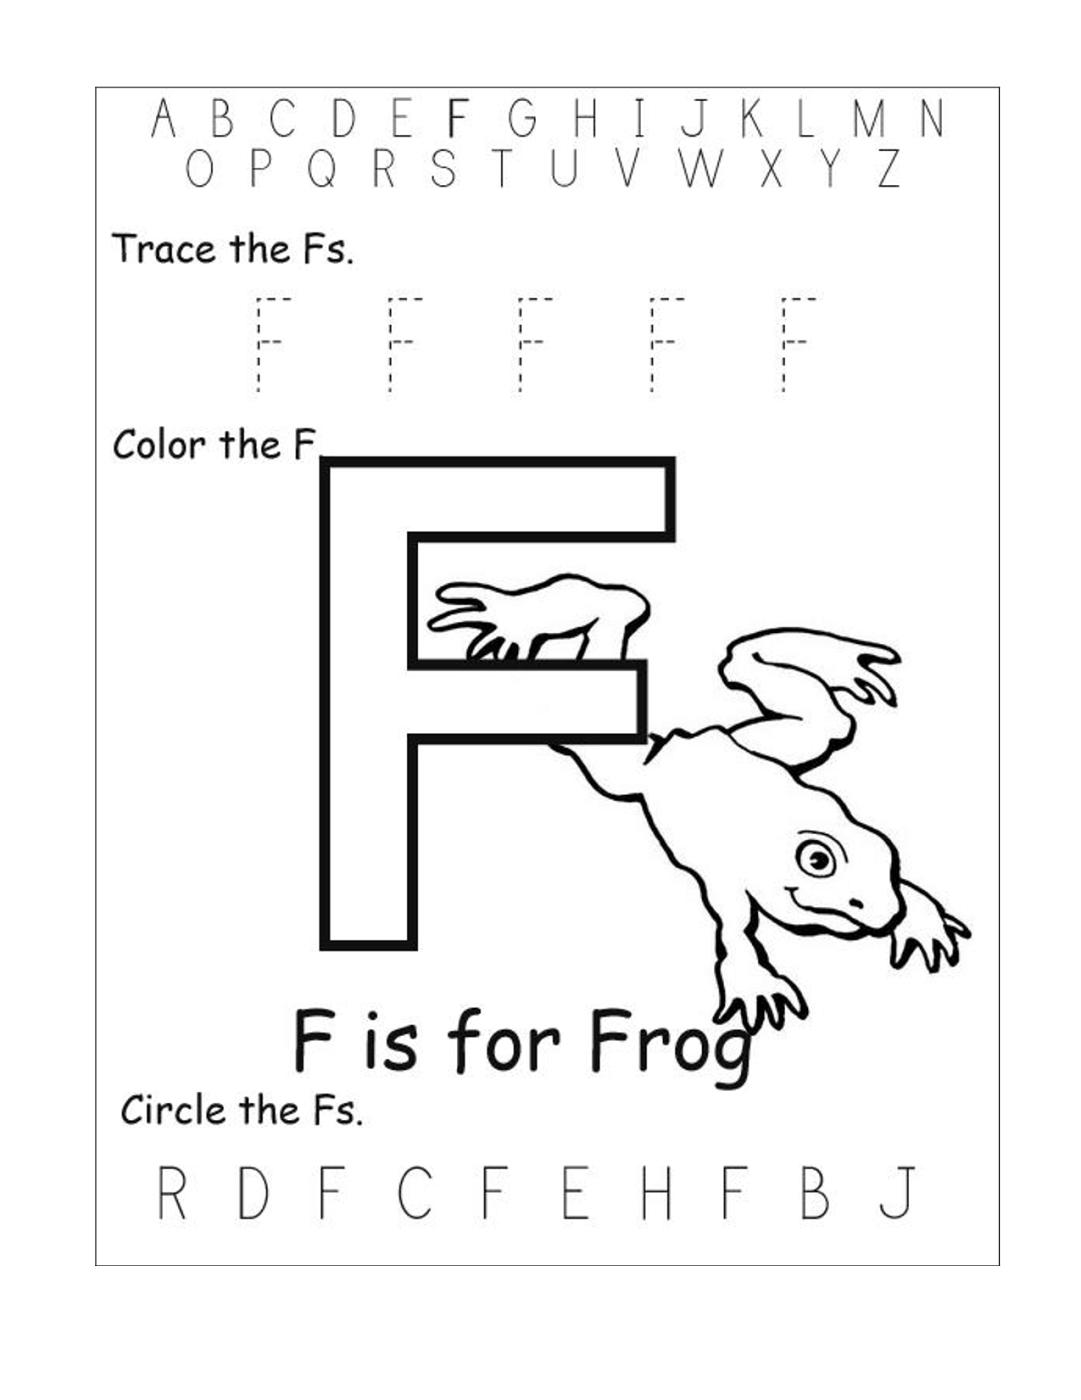 Letter F Worksheets For Preschool Worksheets For All for Tracing Letter F Worksheets Preschool